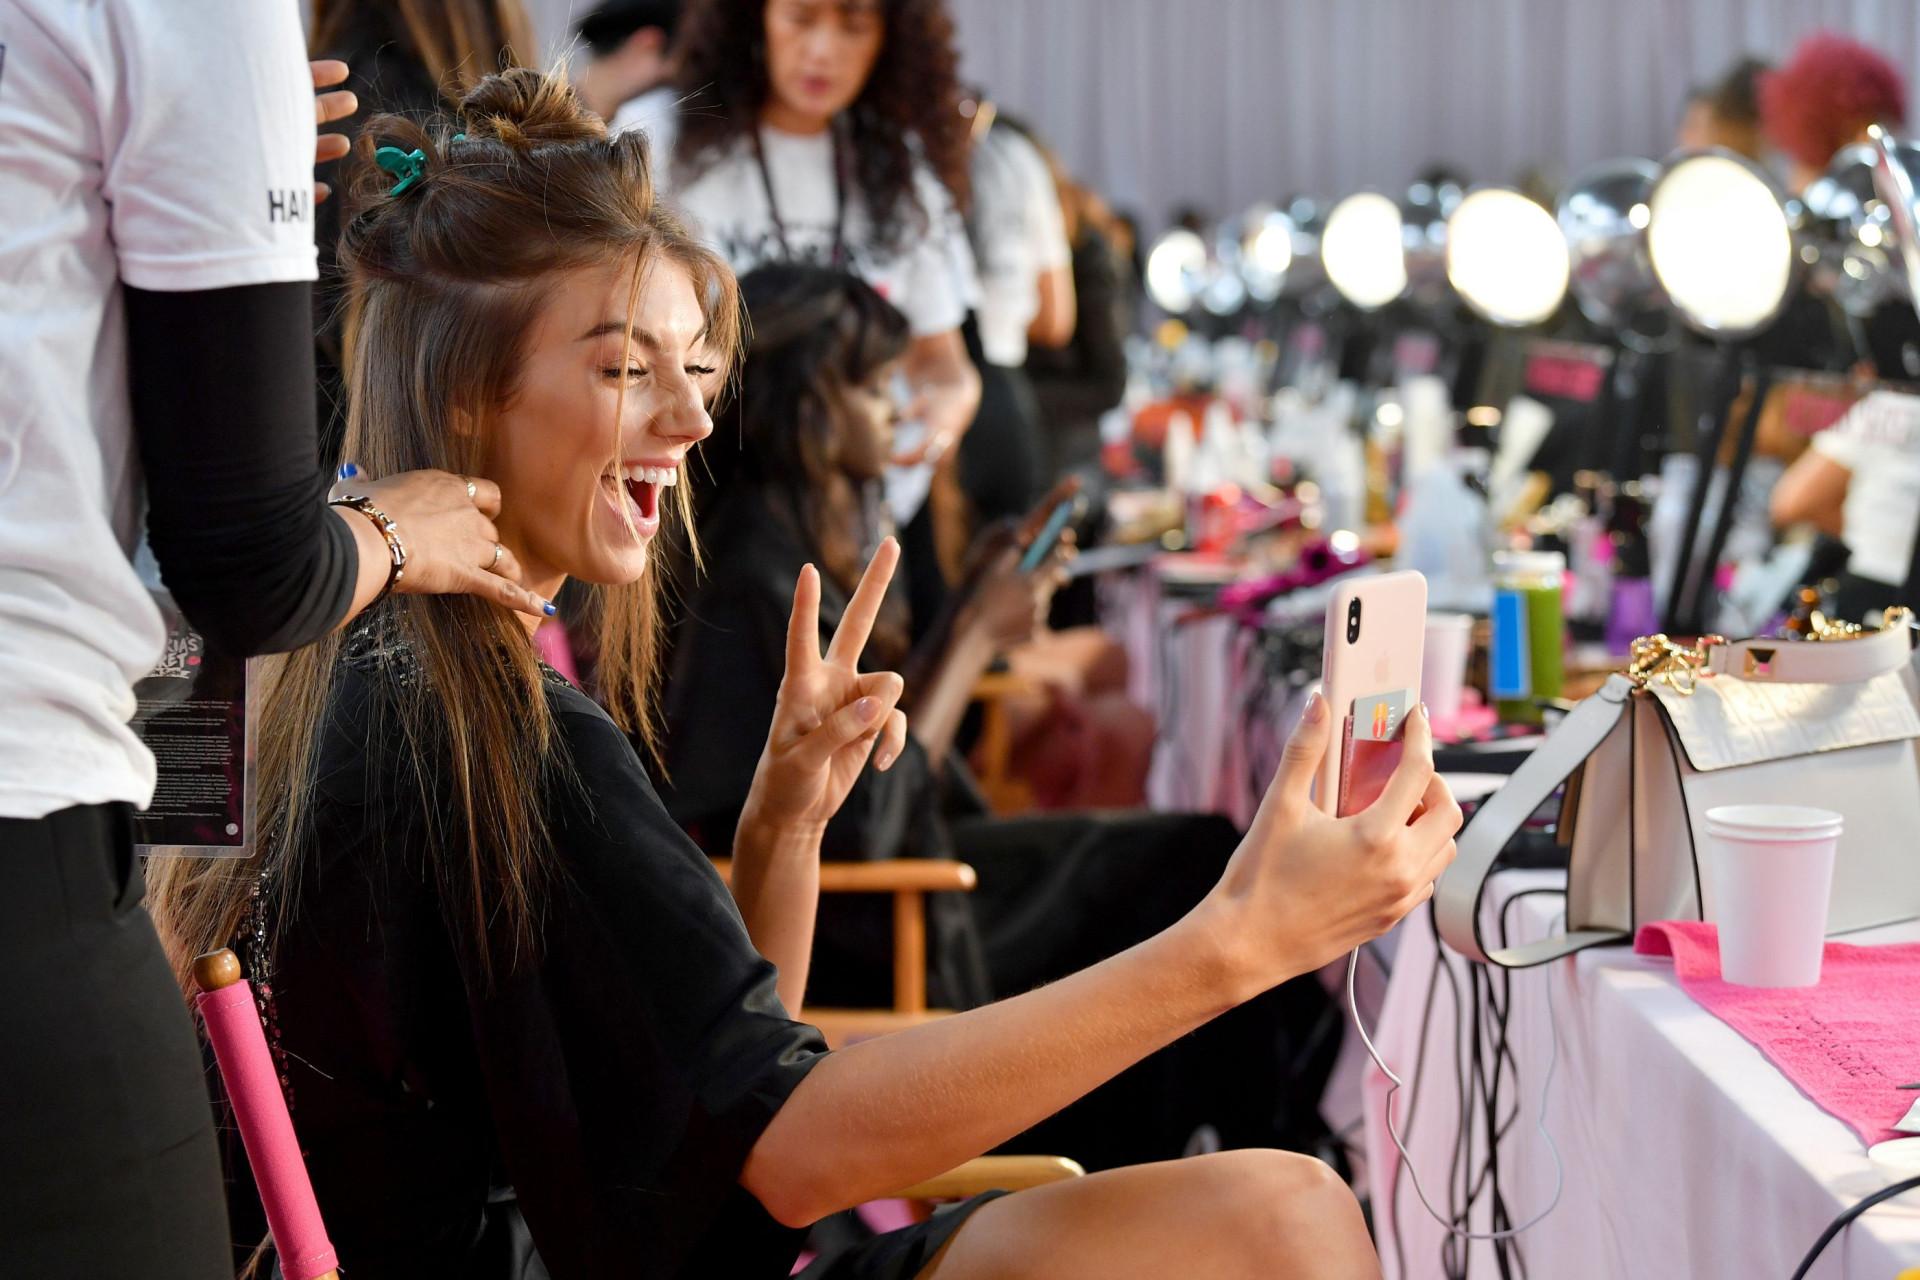 Os bastidores do Victoria's Secret Fashion Show 2018